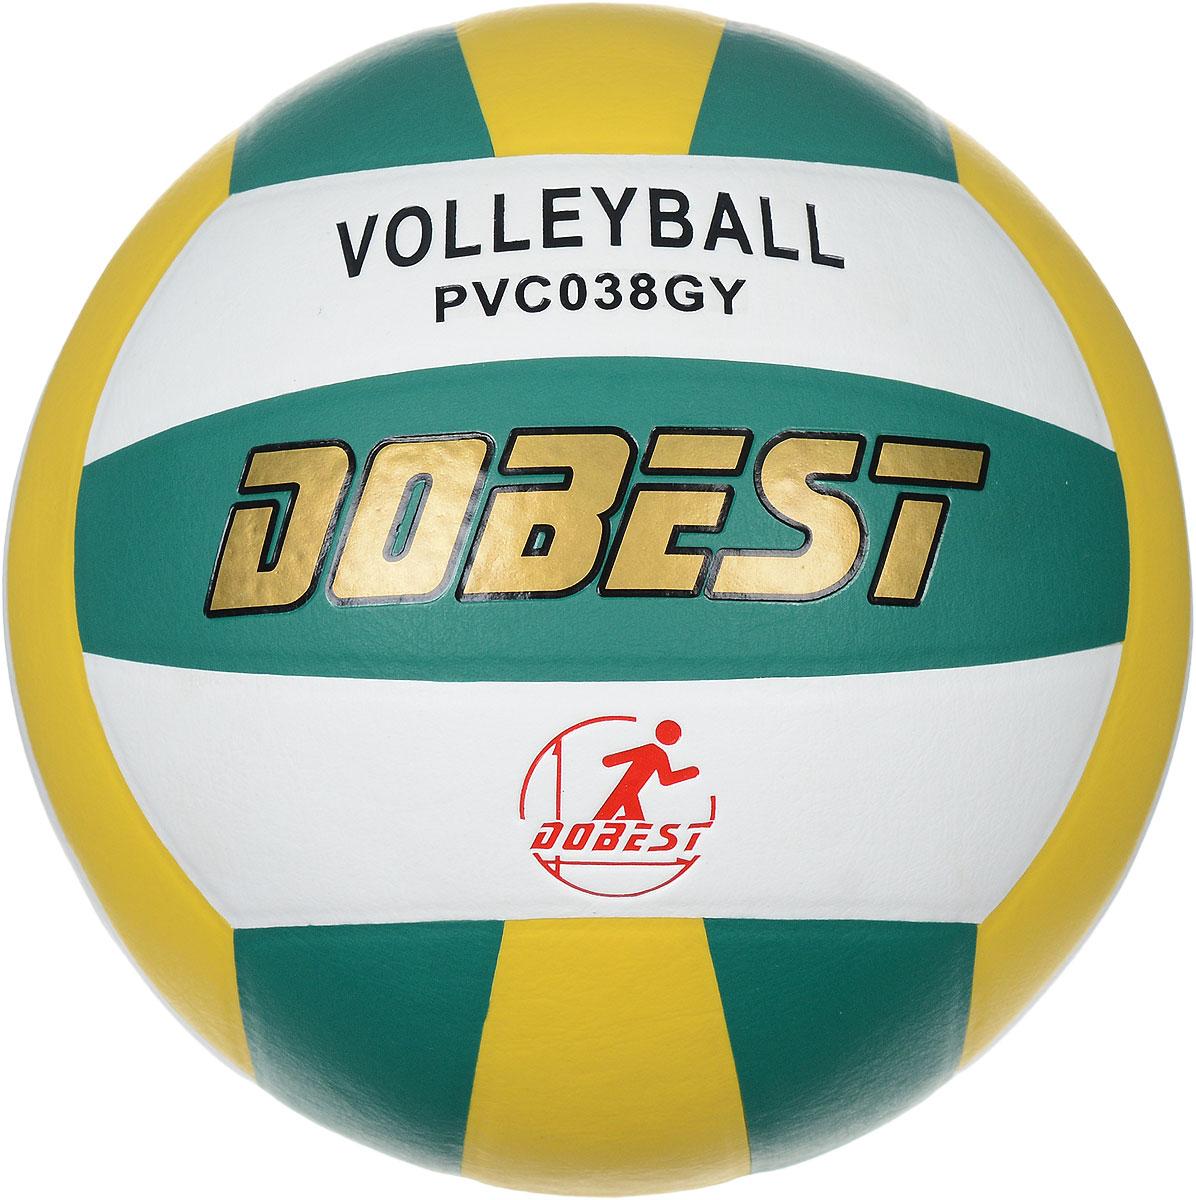 Мяч волейбольный Dobest, цвет: белый, зеленый, желтый. Размер 5PVC038Волейбольный мяч Dobest подойдет для любительской игры на улице и в зале. Изделие выполнено из прочного поливинилхлорида, камера - резина. Панели клееные. Количество панелей: 18. Количество слоев: 4. Вес: 260-280 г. УВАЖЕМЫЕ КЛИЕНТЫ! Обращаем ваше внимание на тот факт, что мяч поставляется в сдутом виде. Насос не входит в комплект.